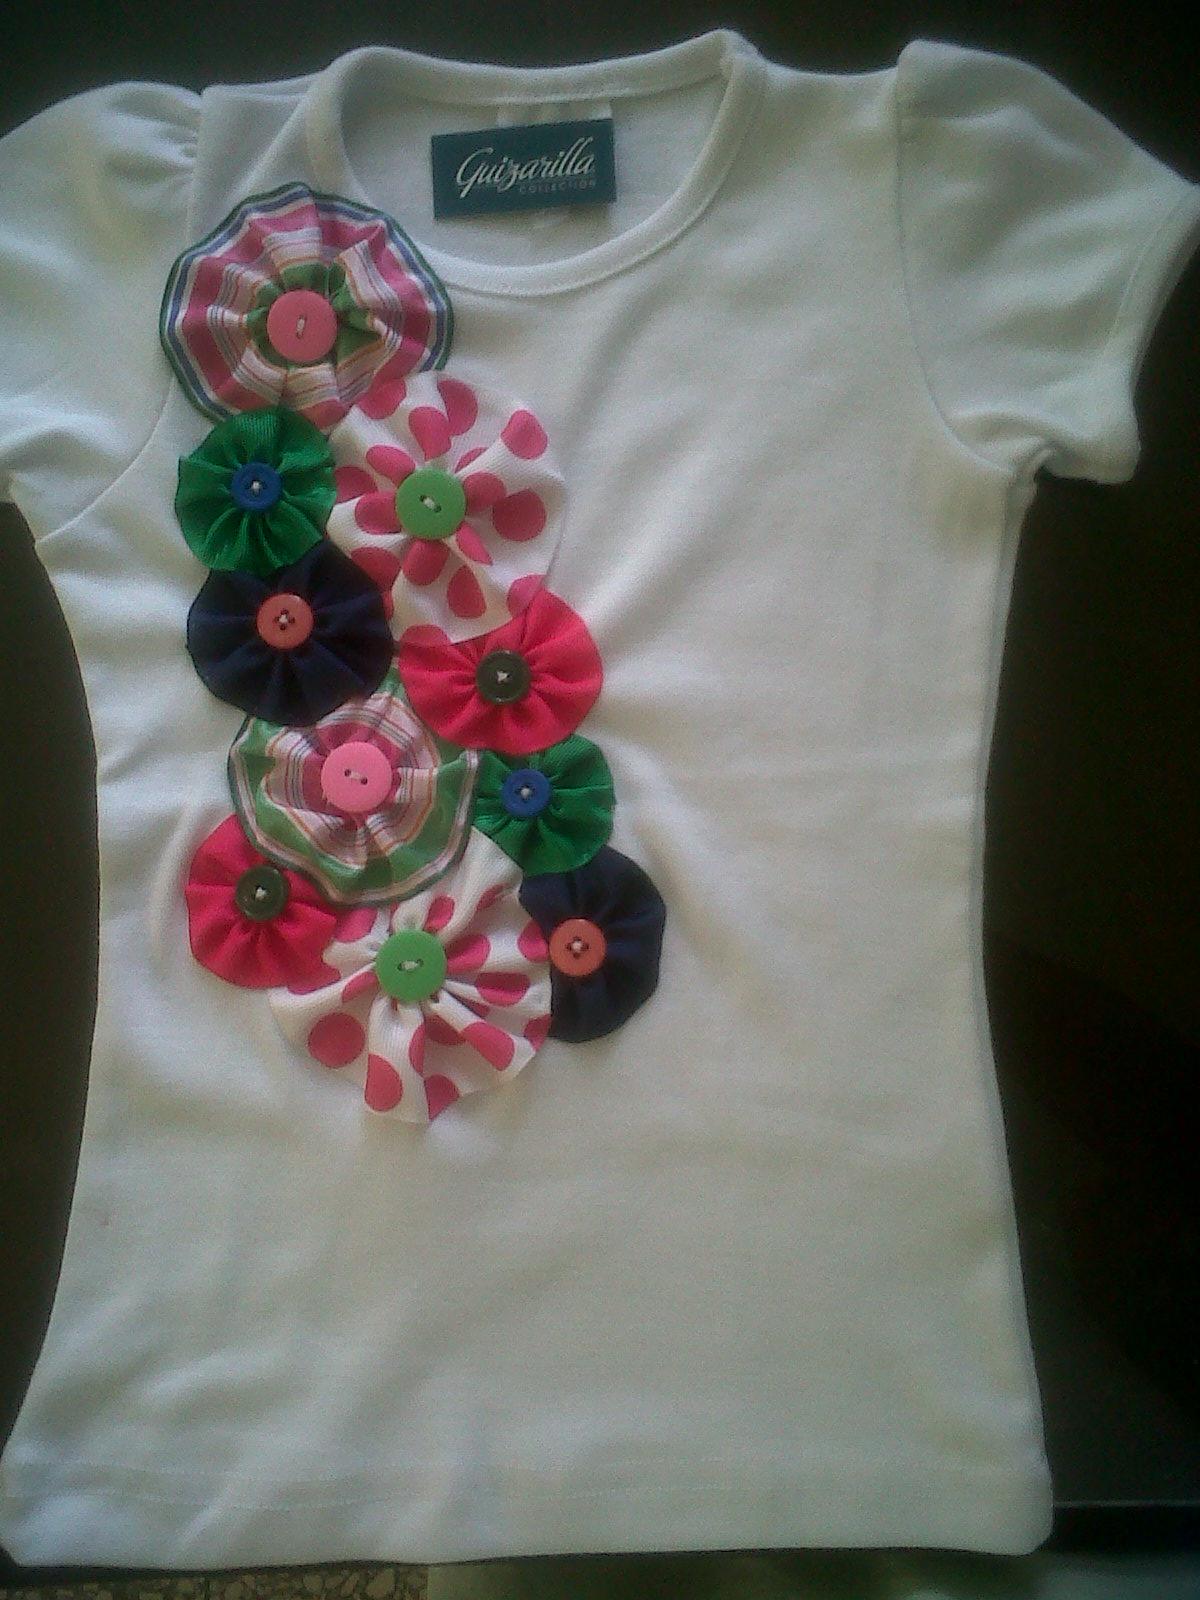 Guizarilla Collection. 1: Tshirts decorados para ninas